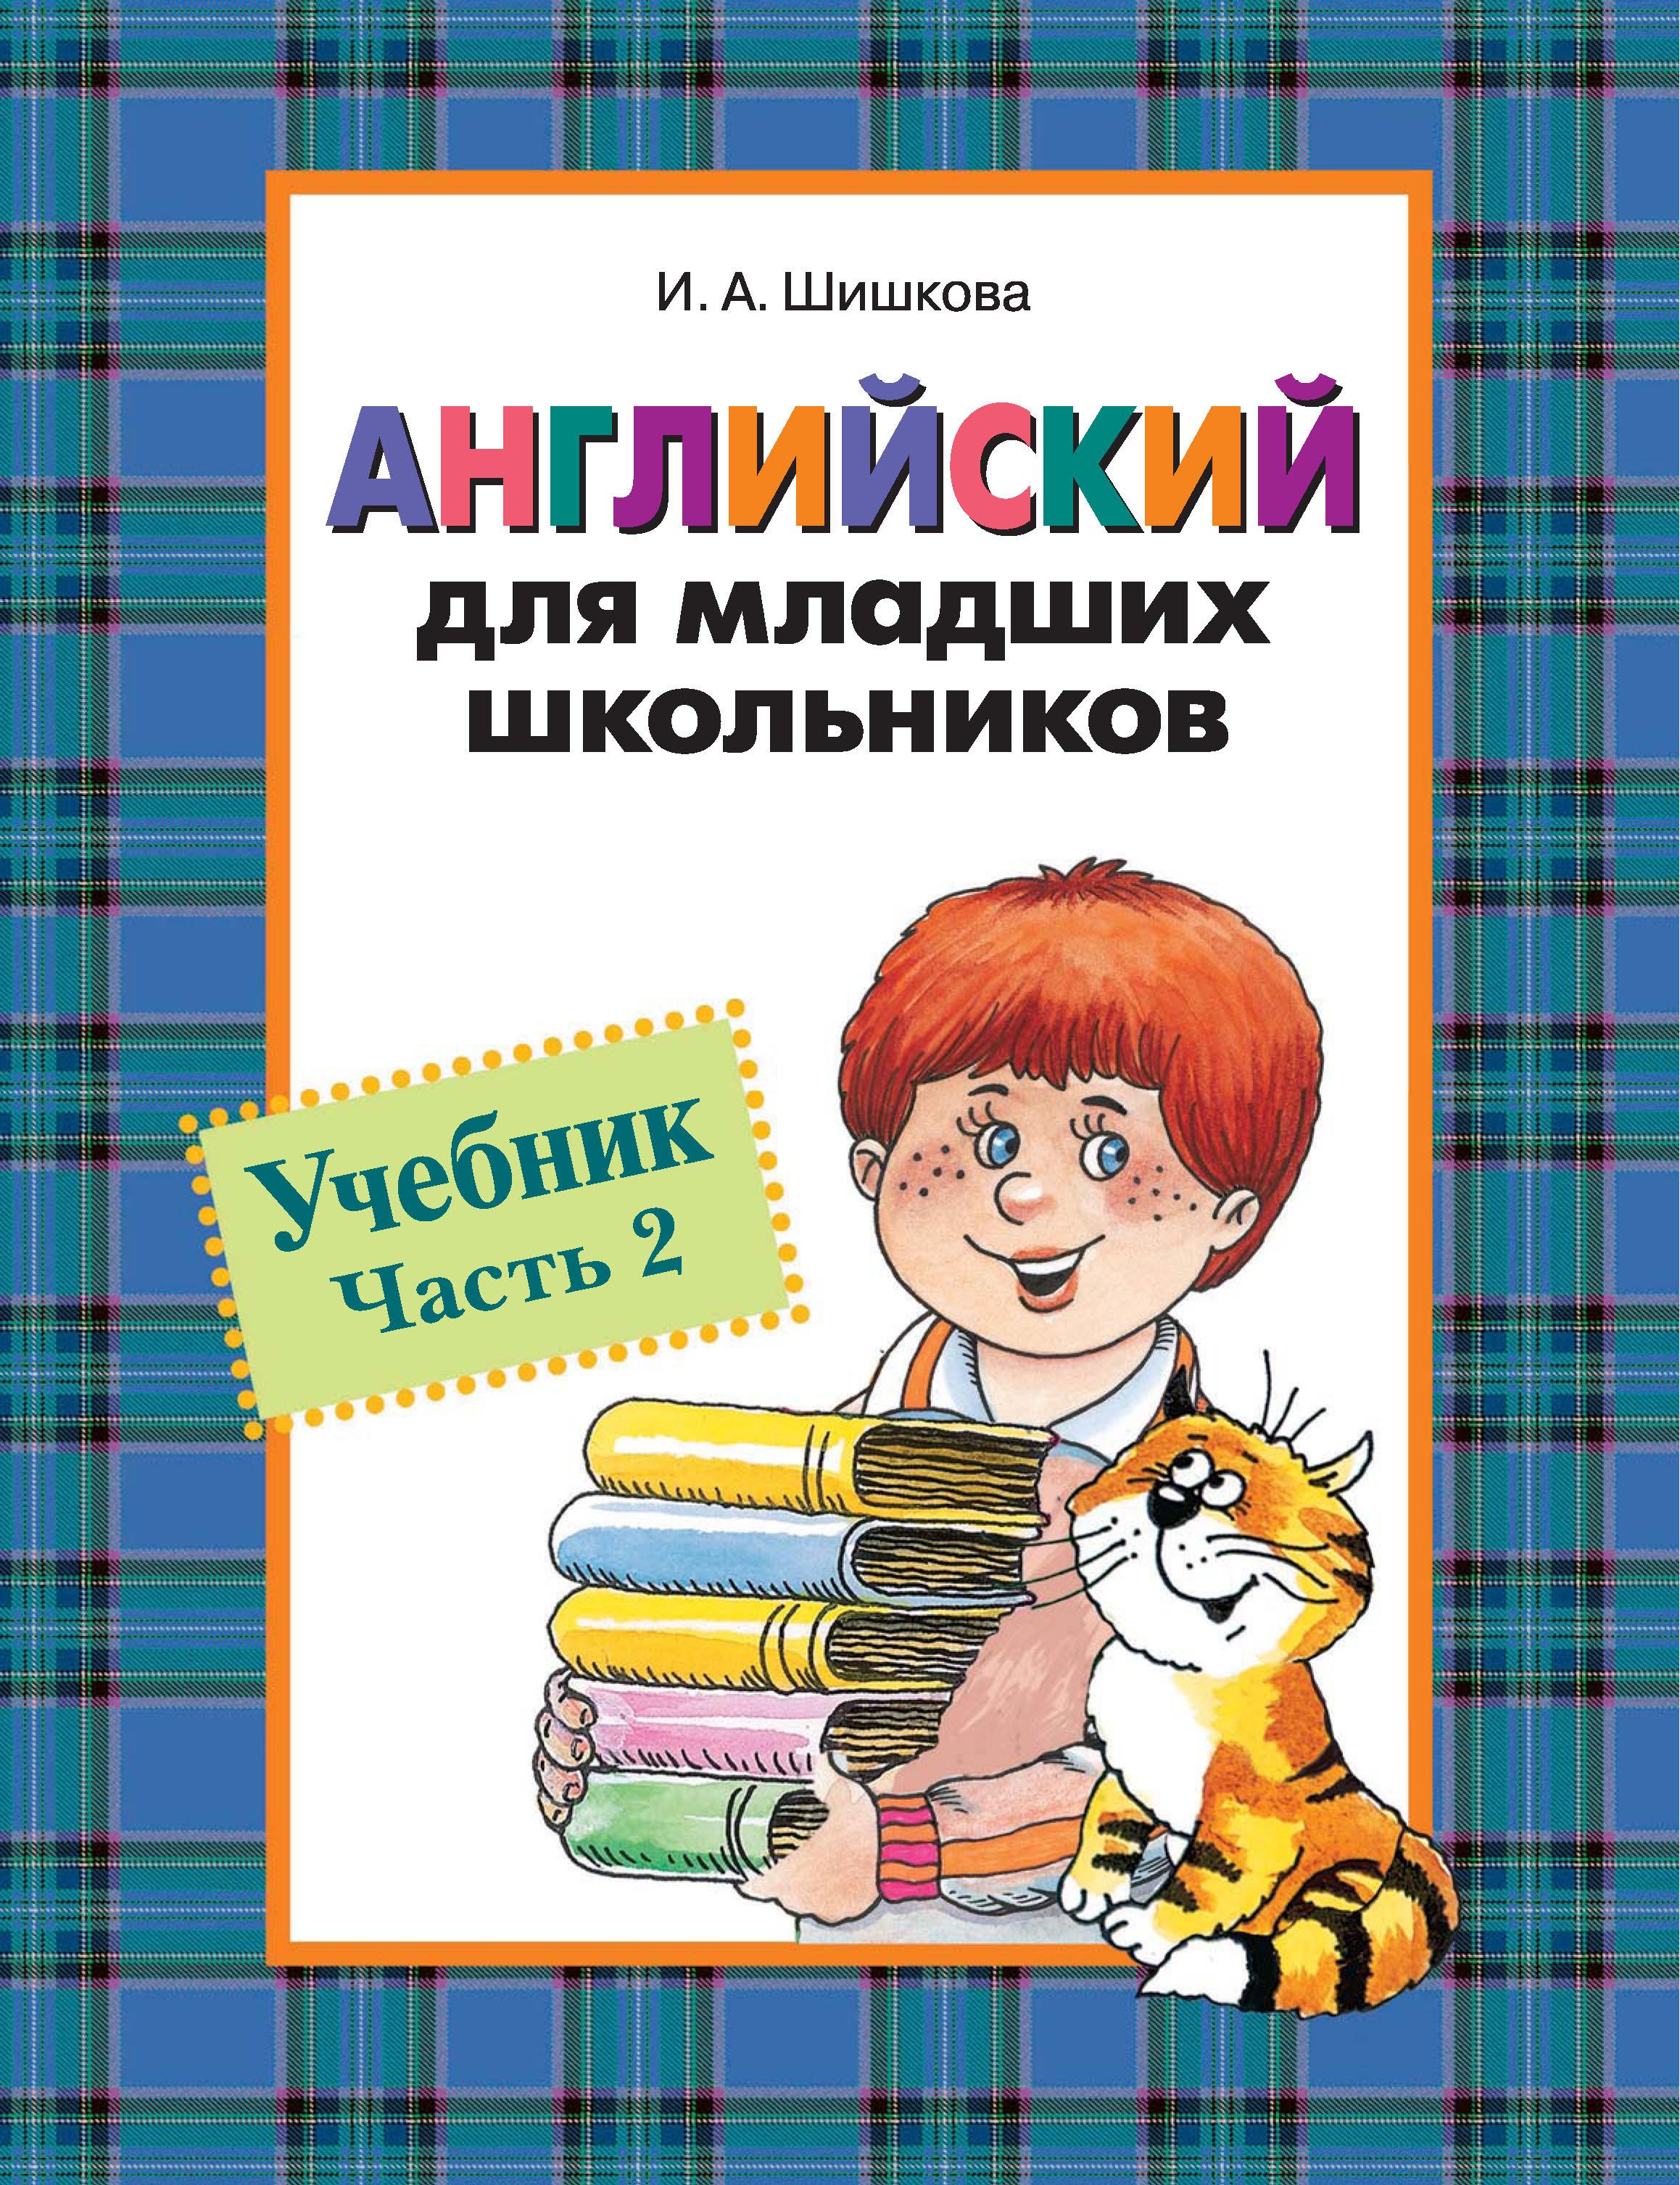 И. А. Шишкова Английский для младших школьников. Учебник. Часть 2